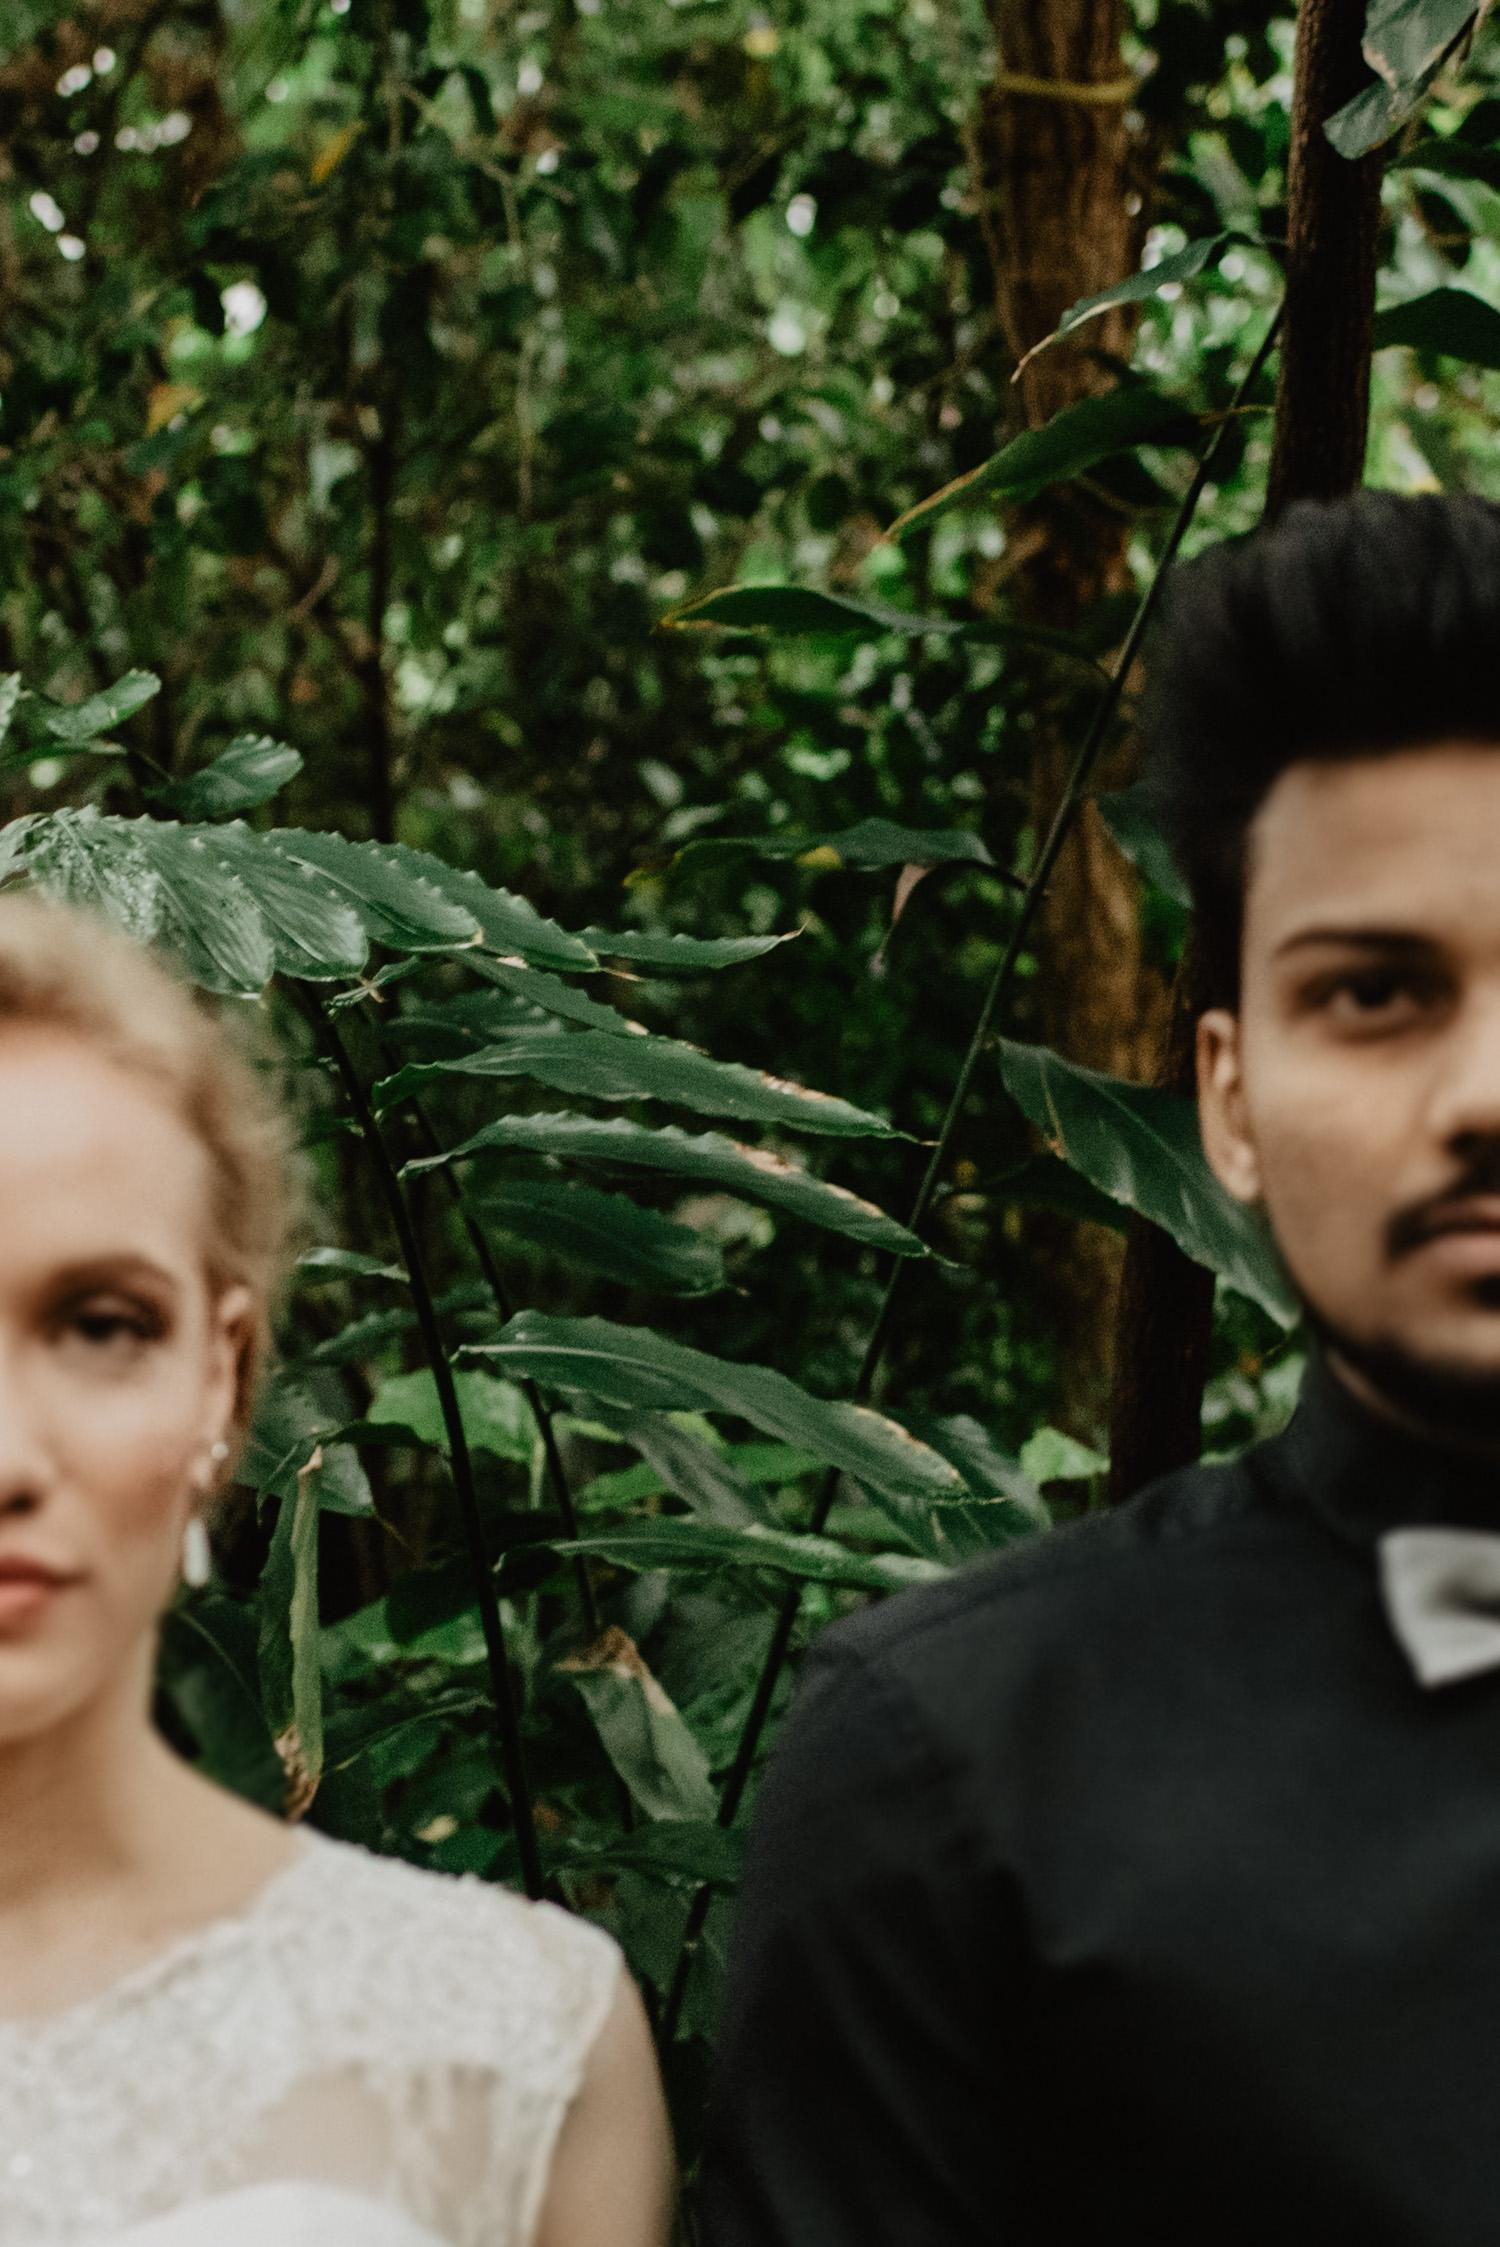 Ein Brautpaar steht frontal zur Kamera und schaut ernst. Ihre Gesichter sind jeweils nur halb abgebildet und unscharf, während der Fokus auf die tropischen Pflanzen mittig hinter ihnen gerichtet ist.